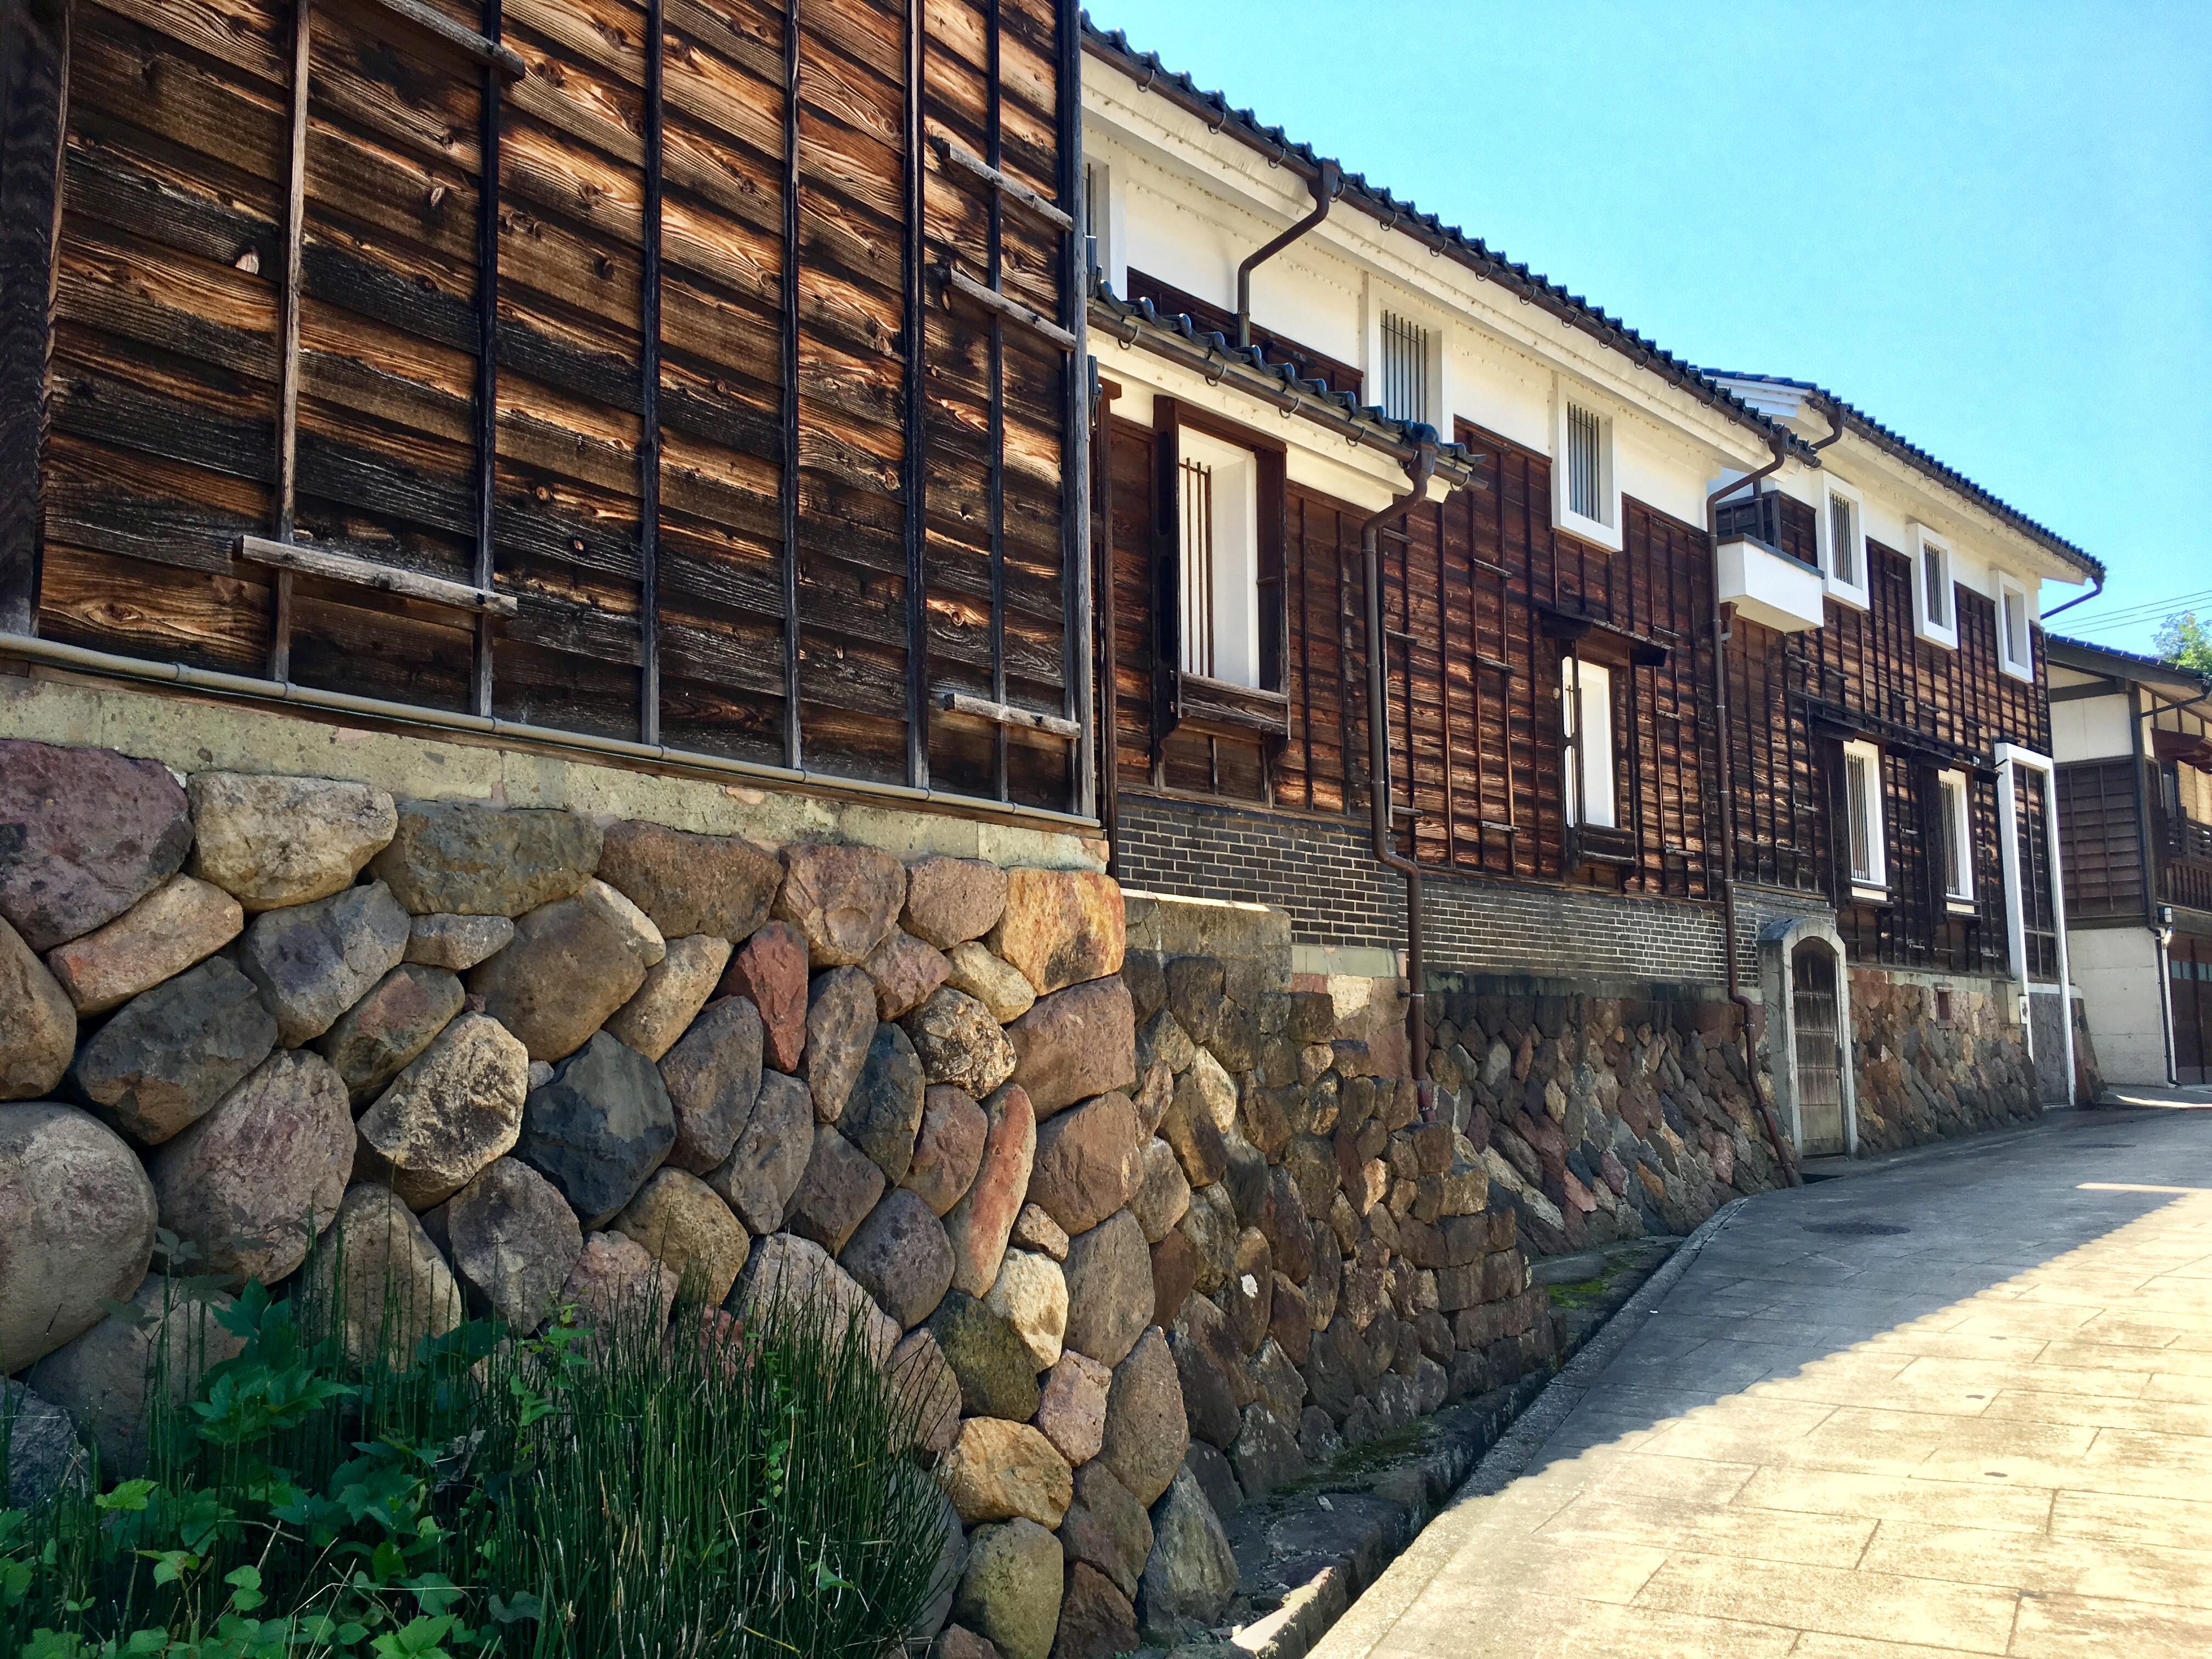 【城端曳山会館】国登録有形文化財(建造物)に大臣答申されましたの画像